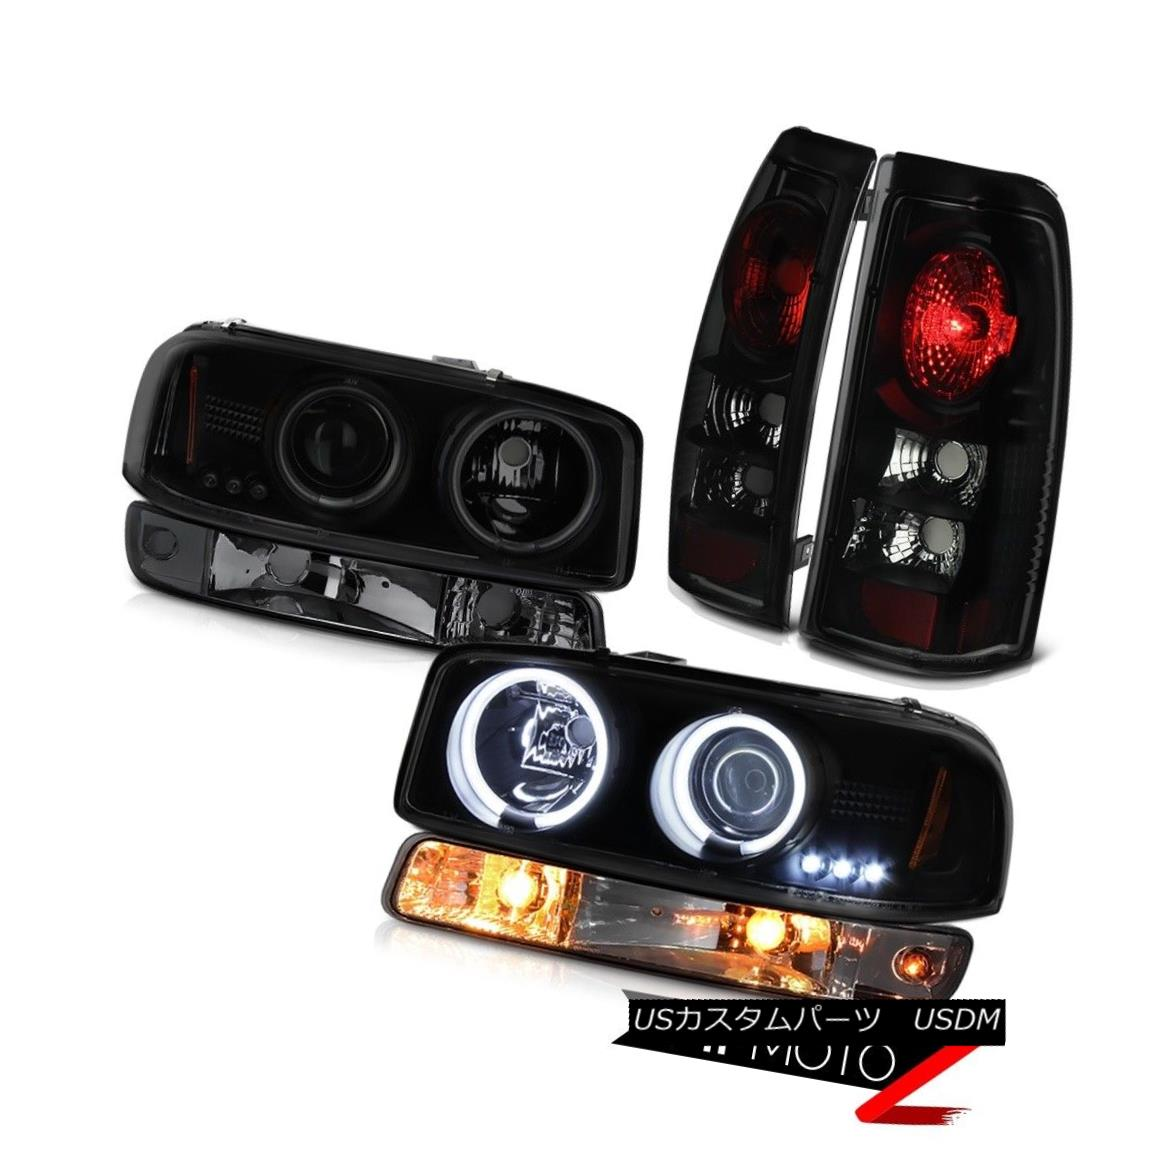 テールライト 1999-2002 Sierra 1500 Taillights titanium smoke bumper light ccfl headlights 1999-2002シエラ1500ティアライトチタン煙バンパーライトccflヘッドライト